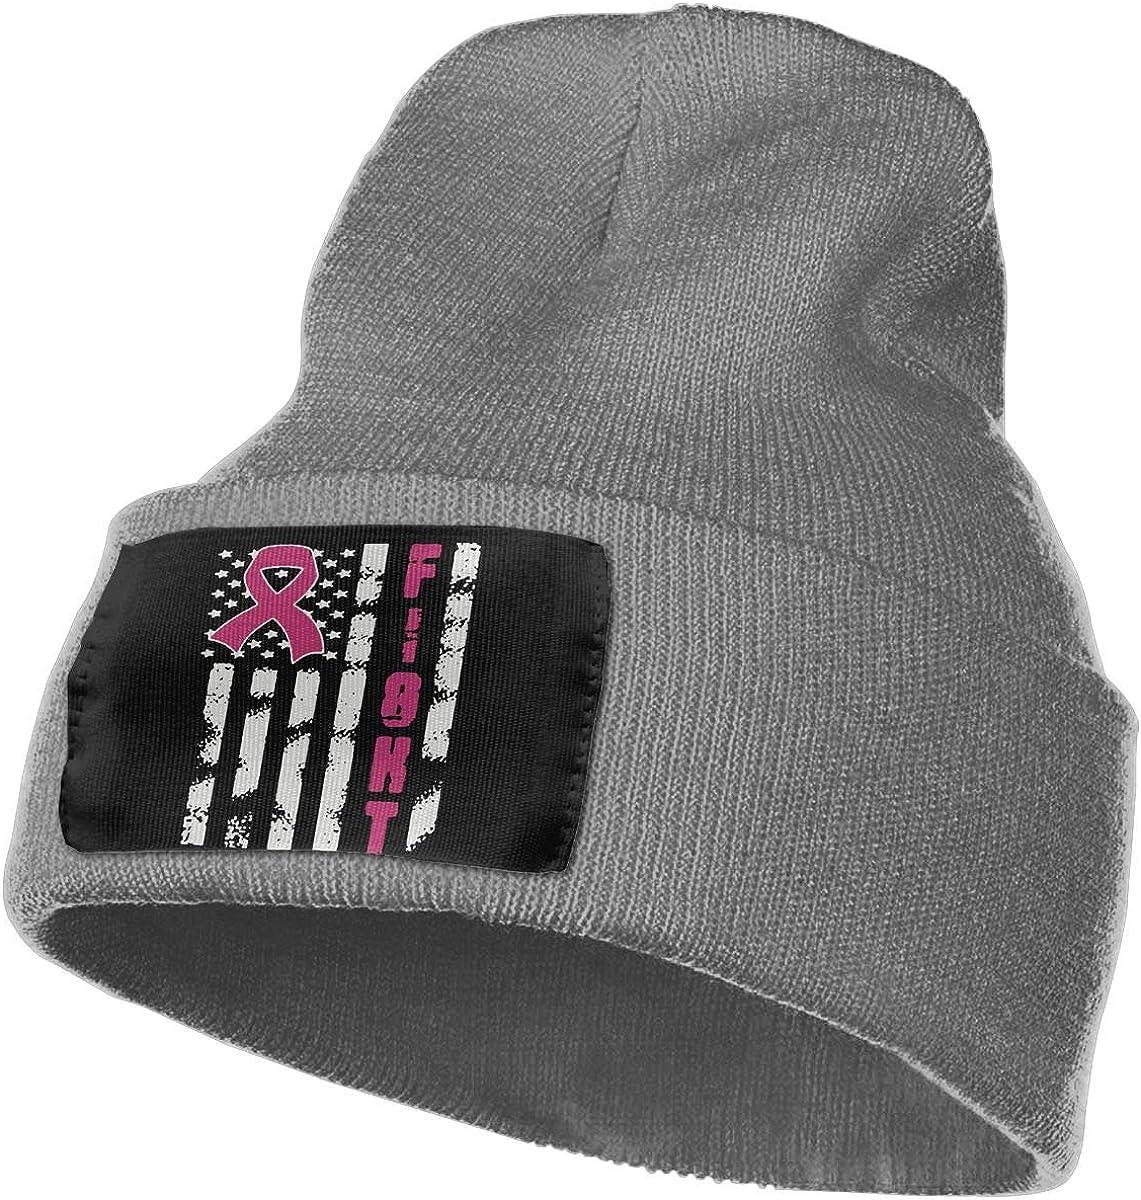 Breast Cancer Flag Fashion Ski Cap WHOO93@Y Unisex 100/% Acrylic Knitted Hat Cap